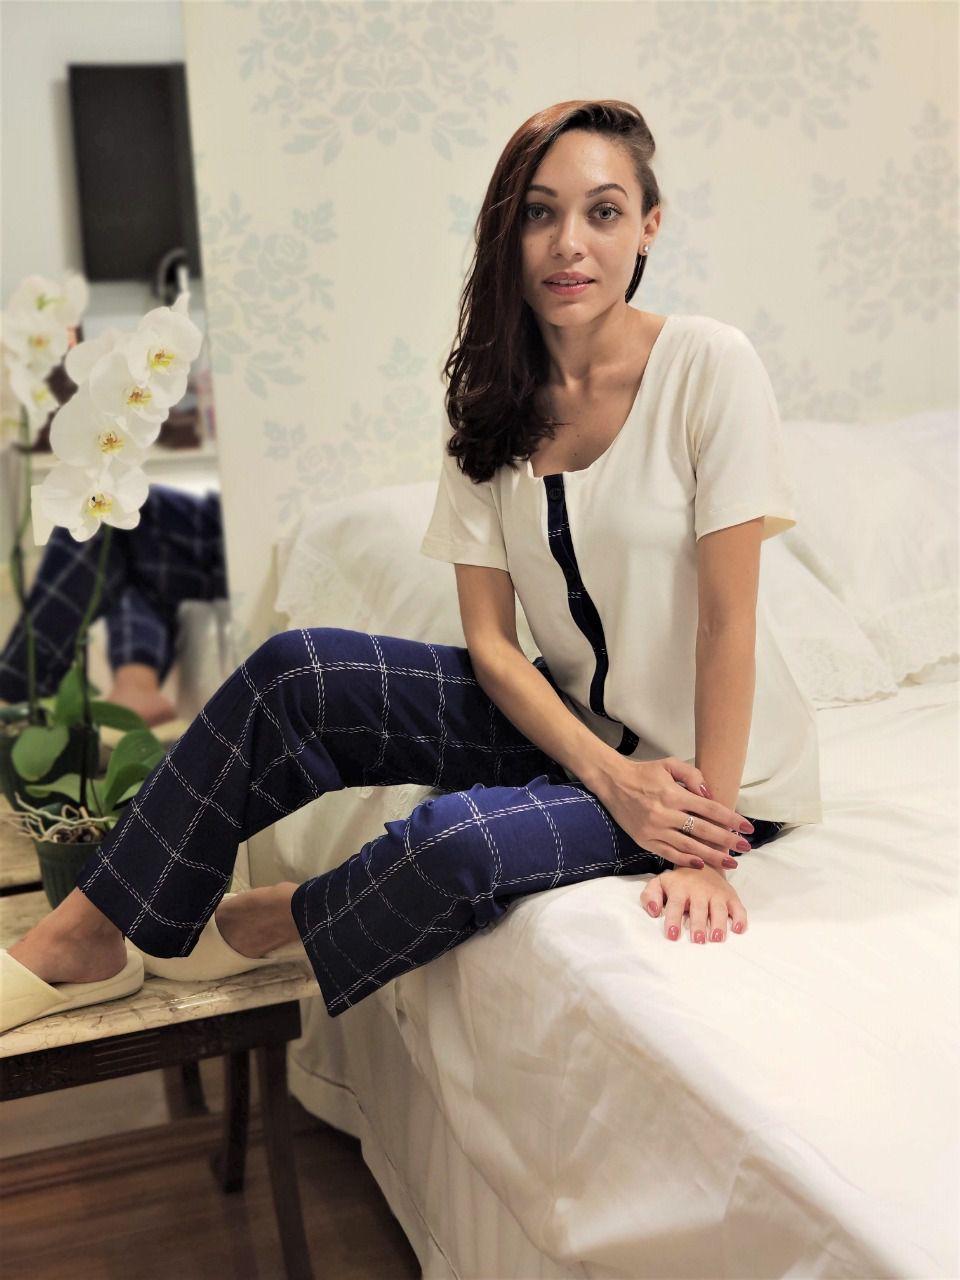 Pijama Feminino Aberto Calça Quadriculada e Blusa Manga Curta em Viscolycra